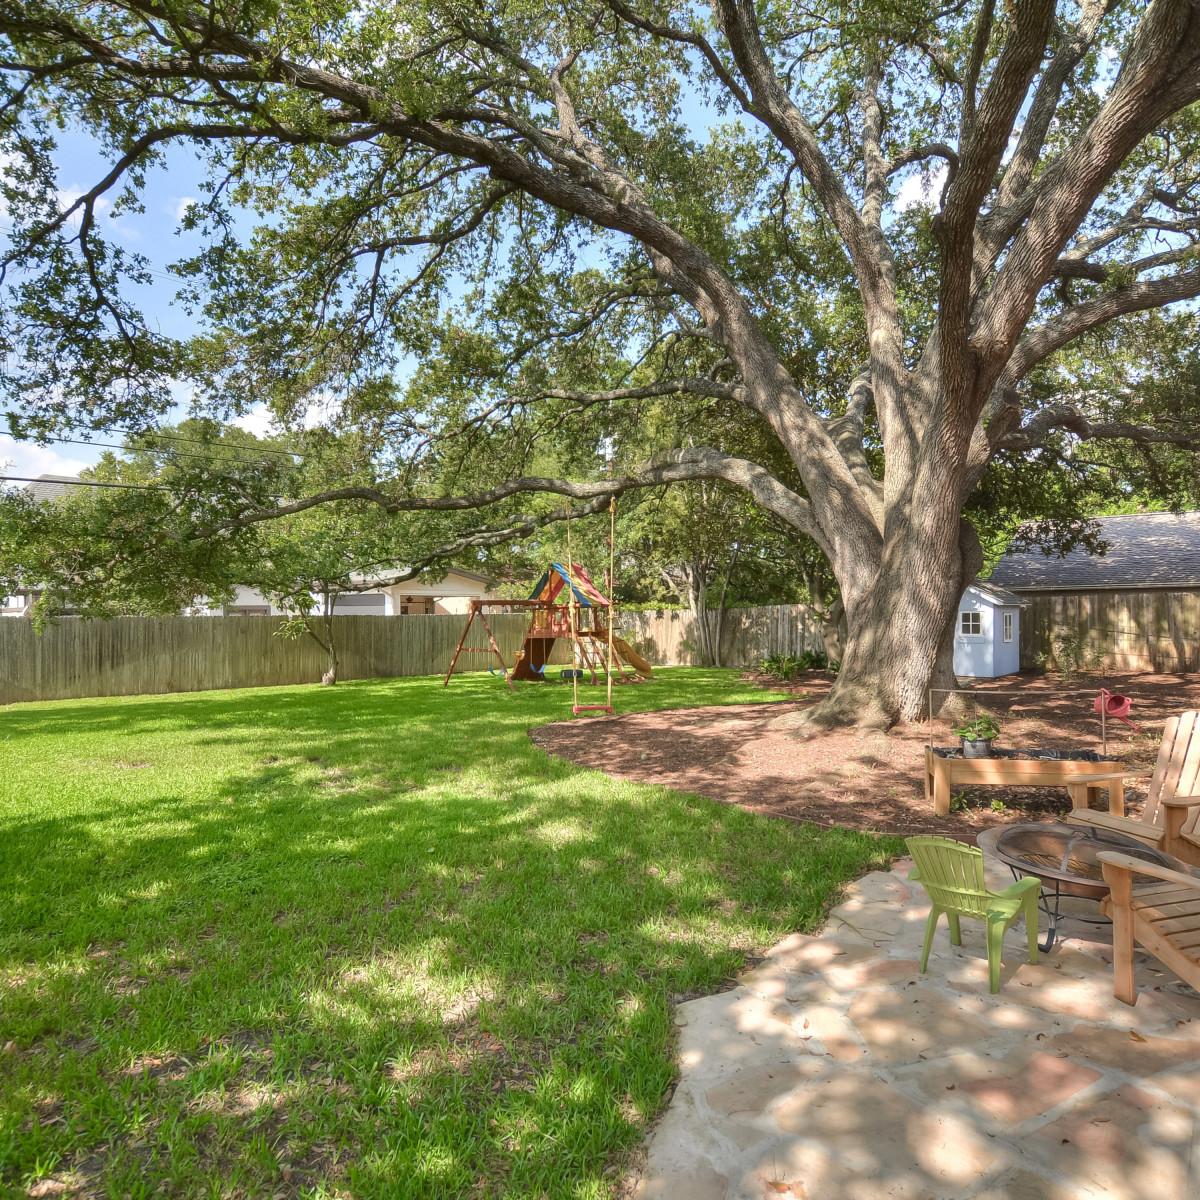 231 Hillview San Antonio house for sale backyard